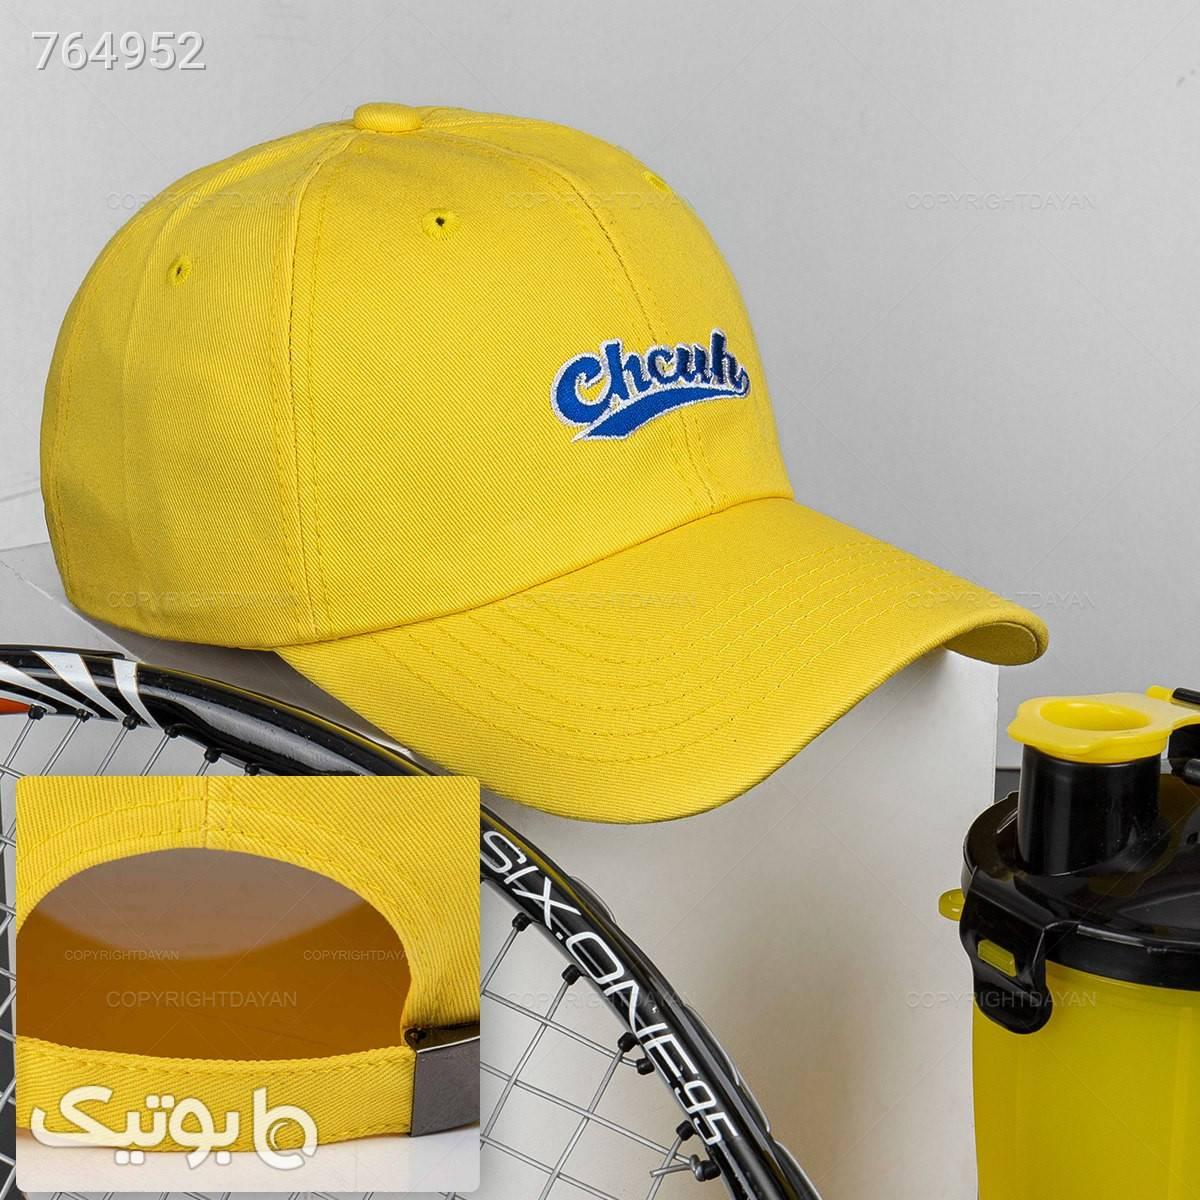 حراج کلاه کپ مدل 19290 زرد کلاه و اسکارف